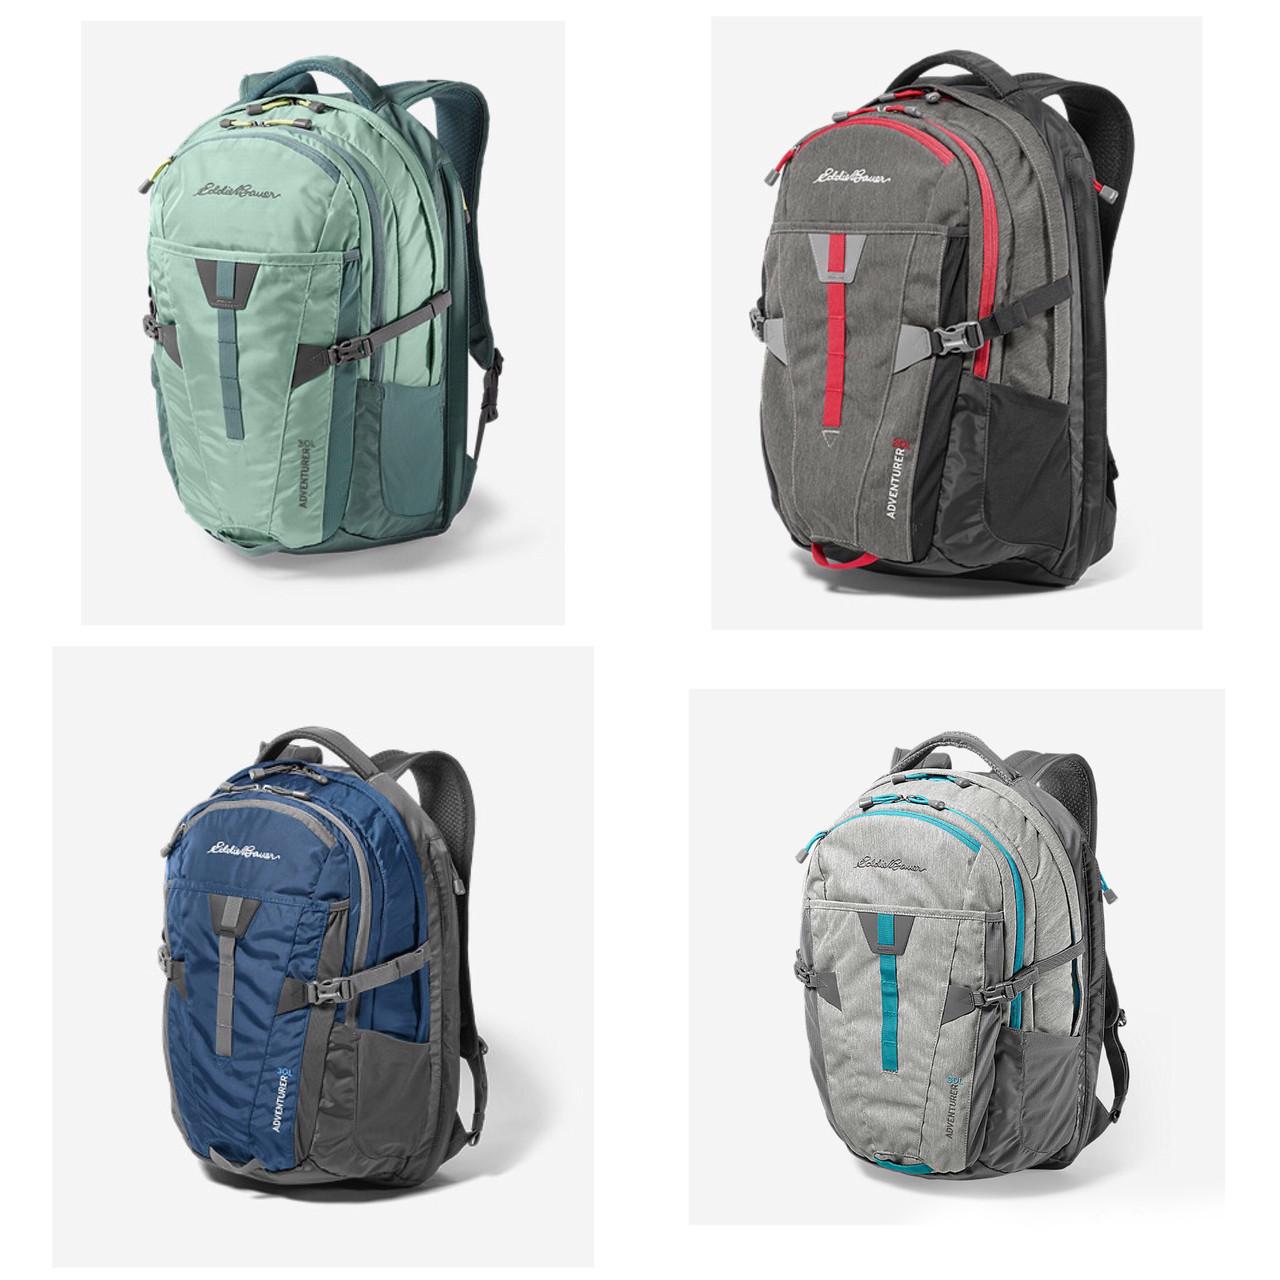 Рюкзак Eddie Bauer Adventurer 30L Pack